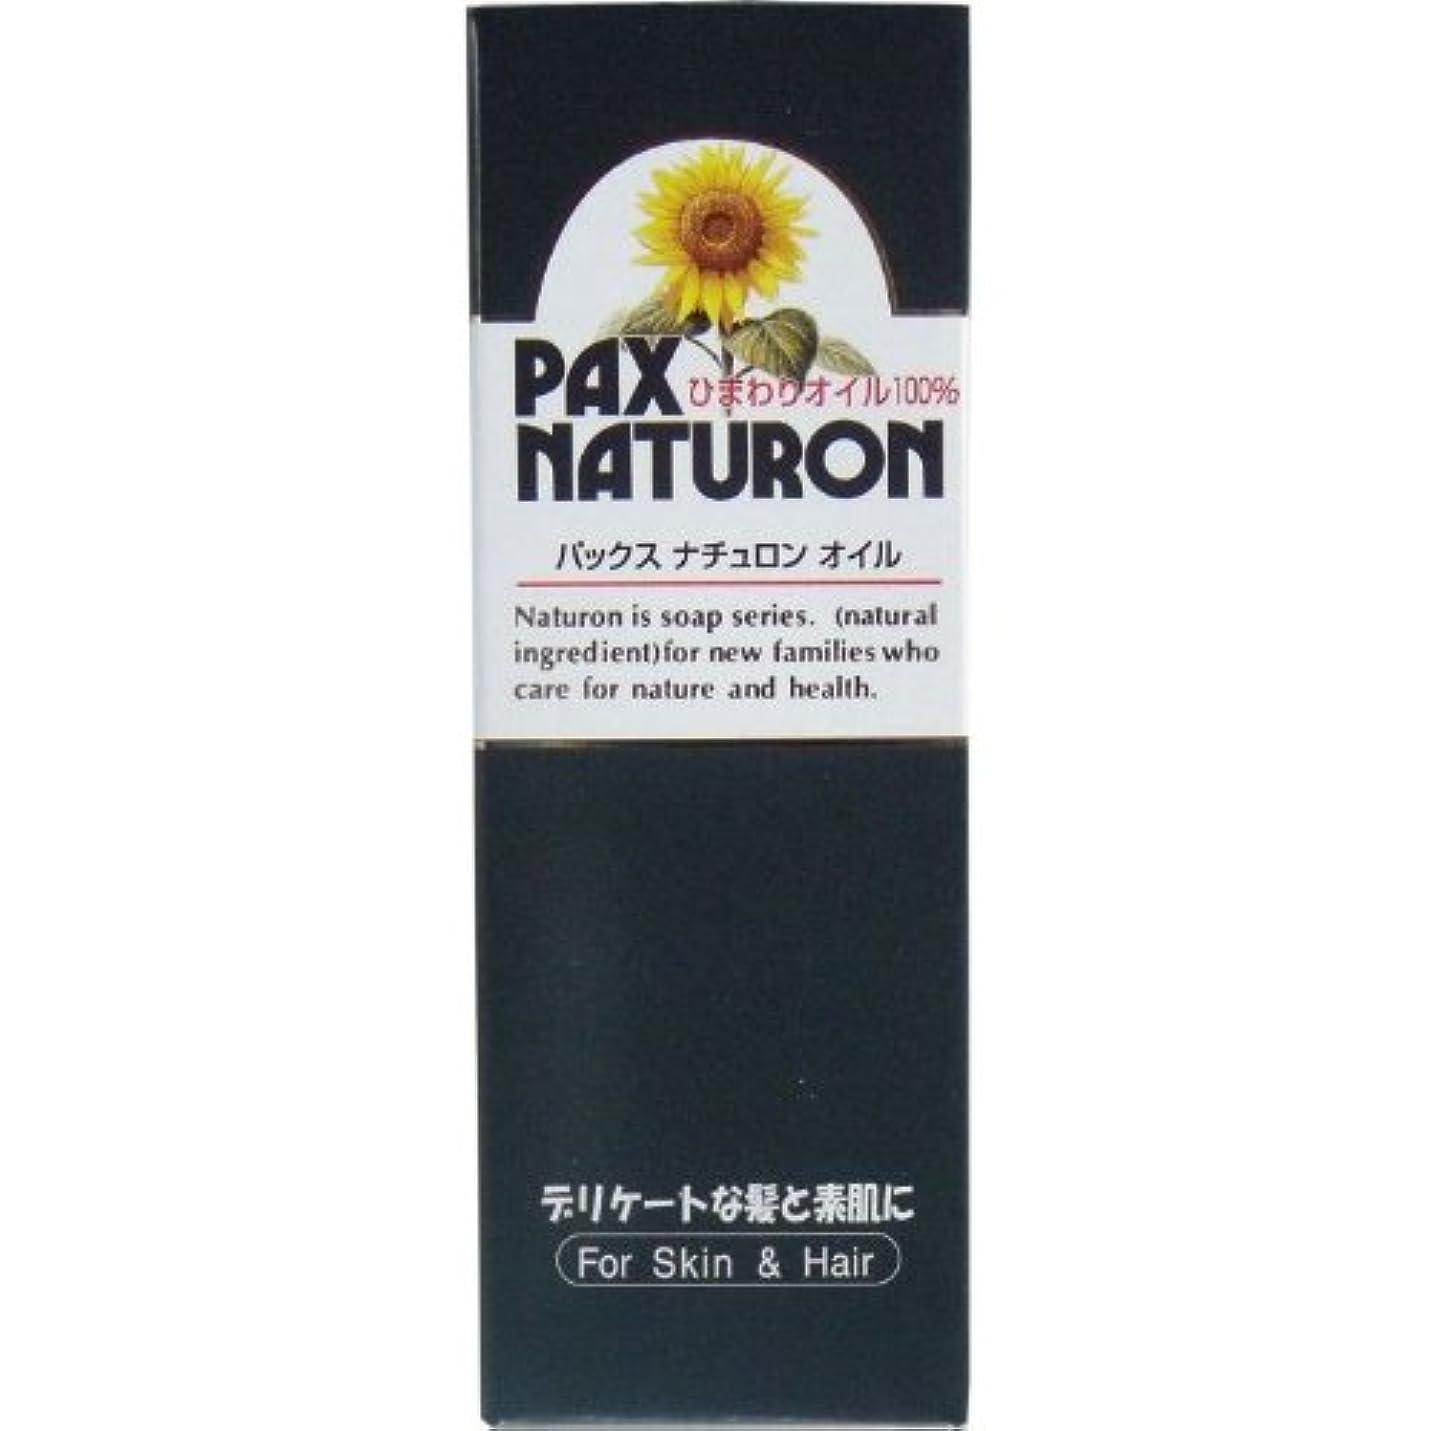 慰め白鳥スポットデリケートな髪と素肌に!ひまわりの種子から採った ハイオレイックひまわり油 60mL